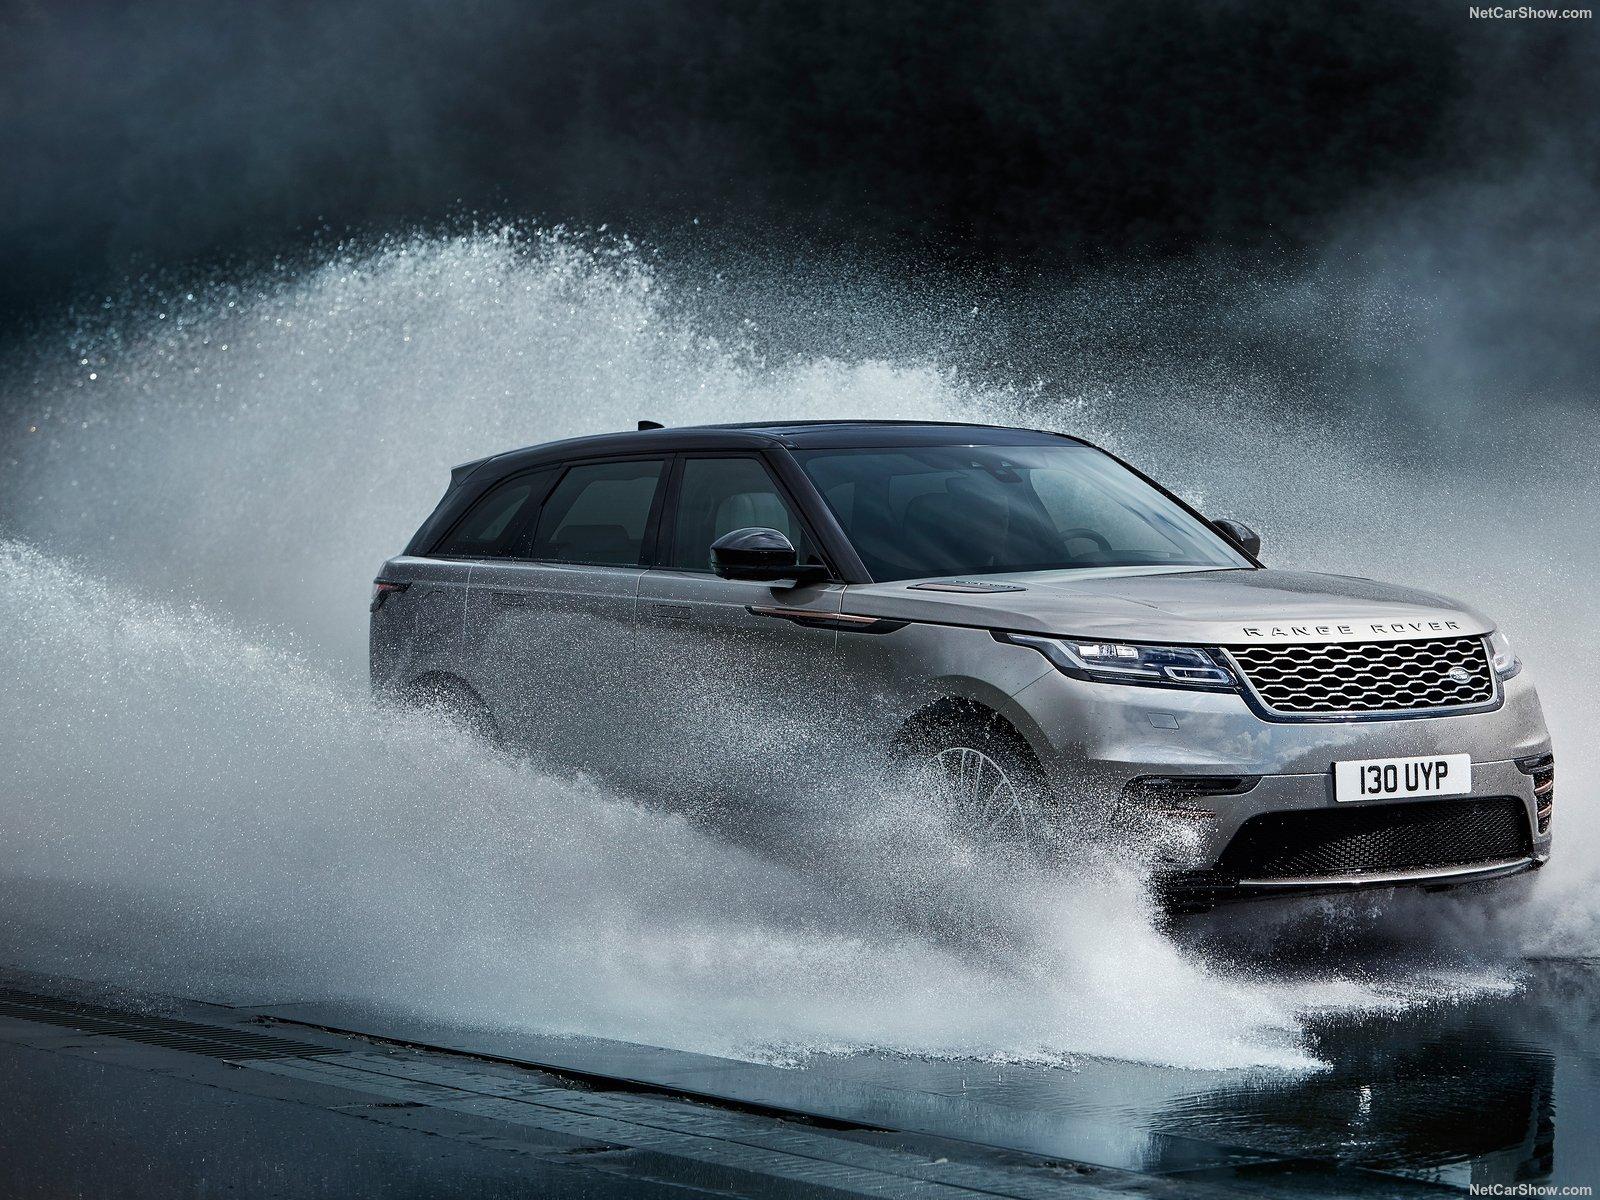 Land_Rover-Range_Rover_Velar-2018-1600-02